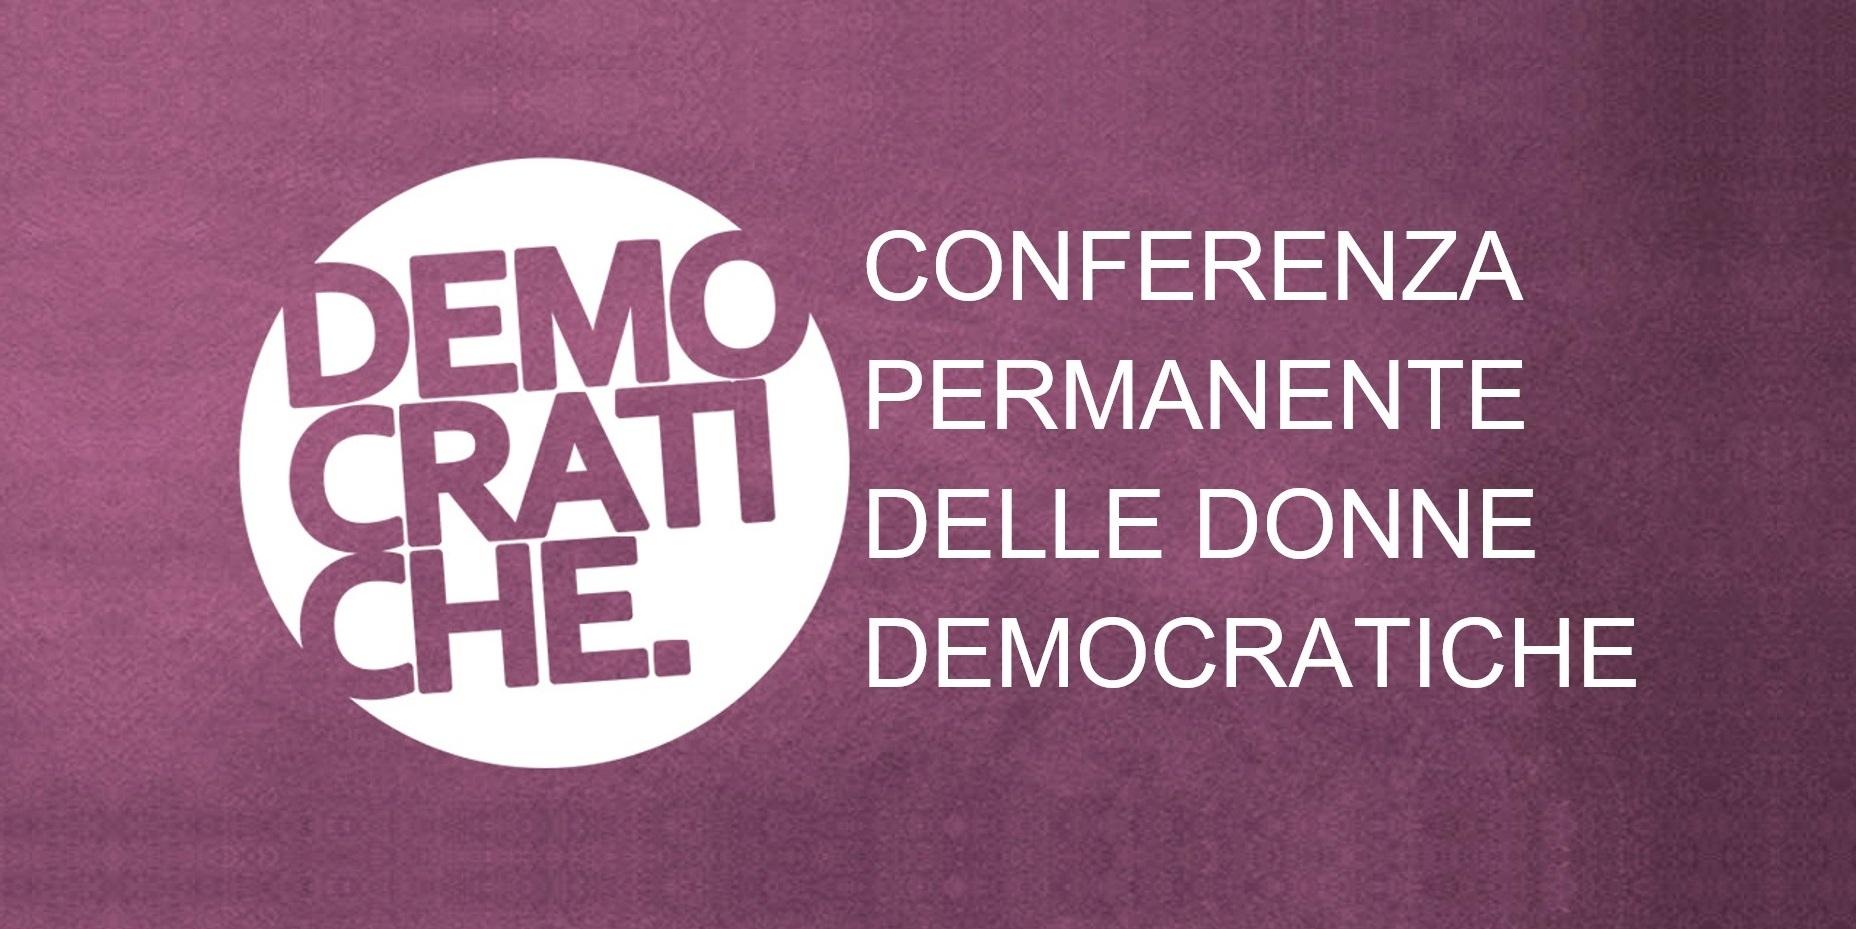 Adesione a Conferenza Donne Democratiche prorogata al 06/10